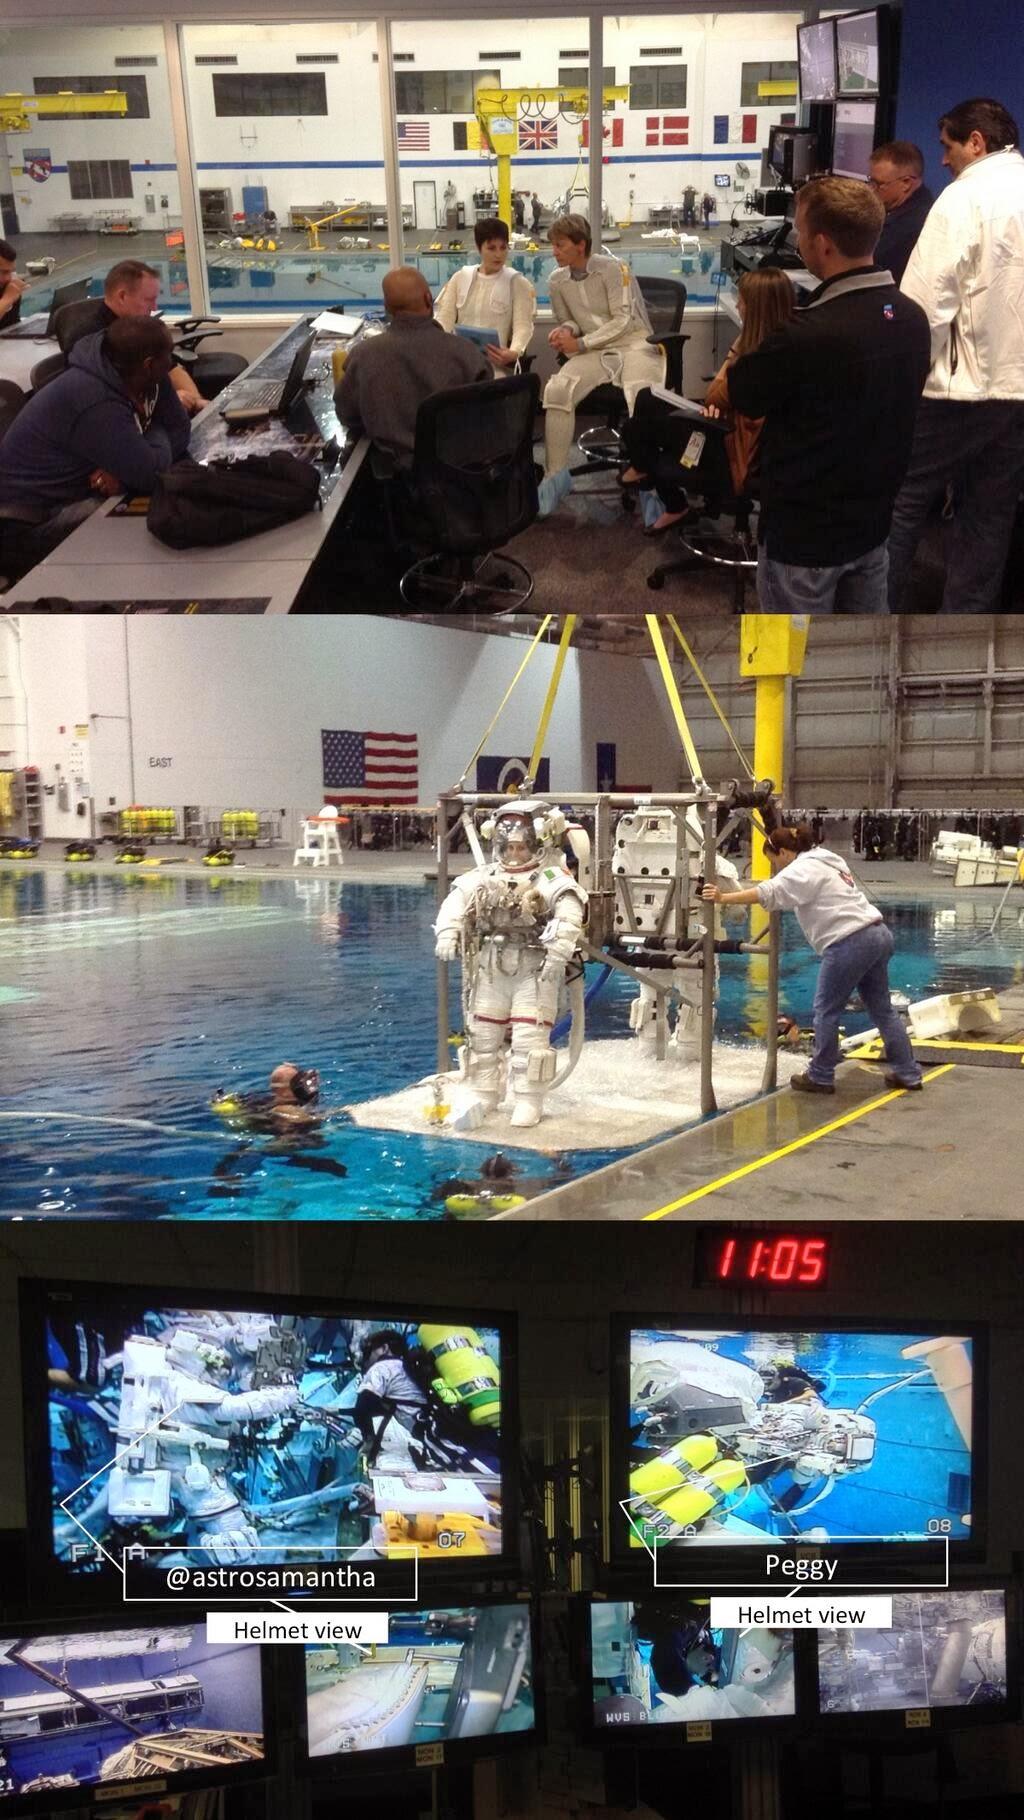 Fasi di una simulazione di EVA al NBL di Samantha Cristoforetti e Peggy Whitson. Fonte: Lionel Ferra